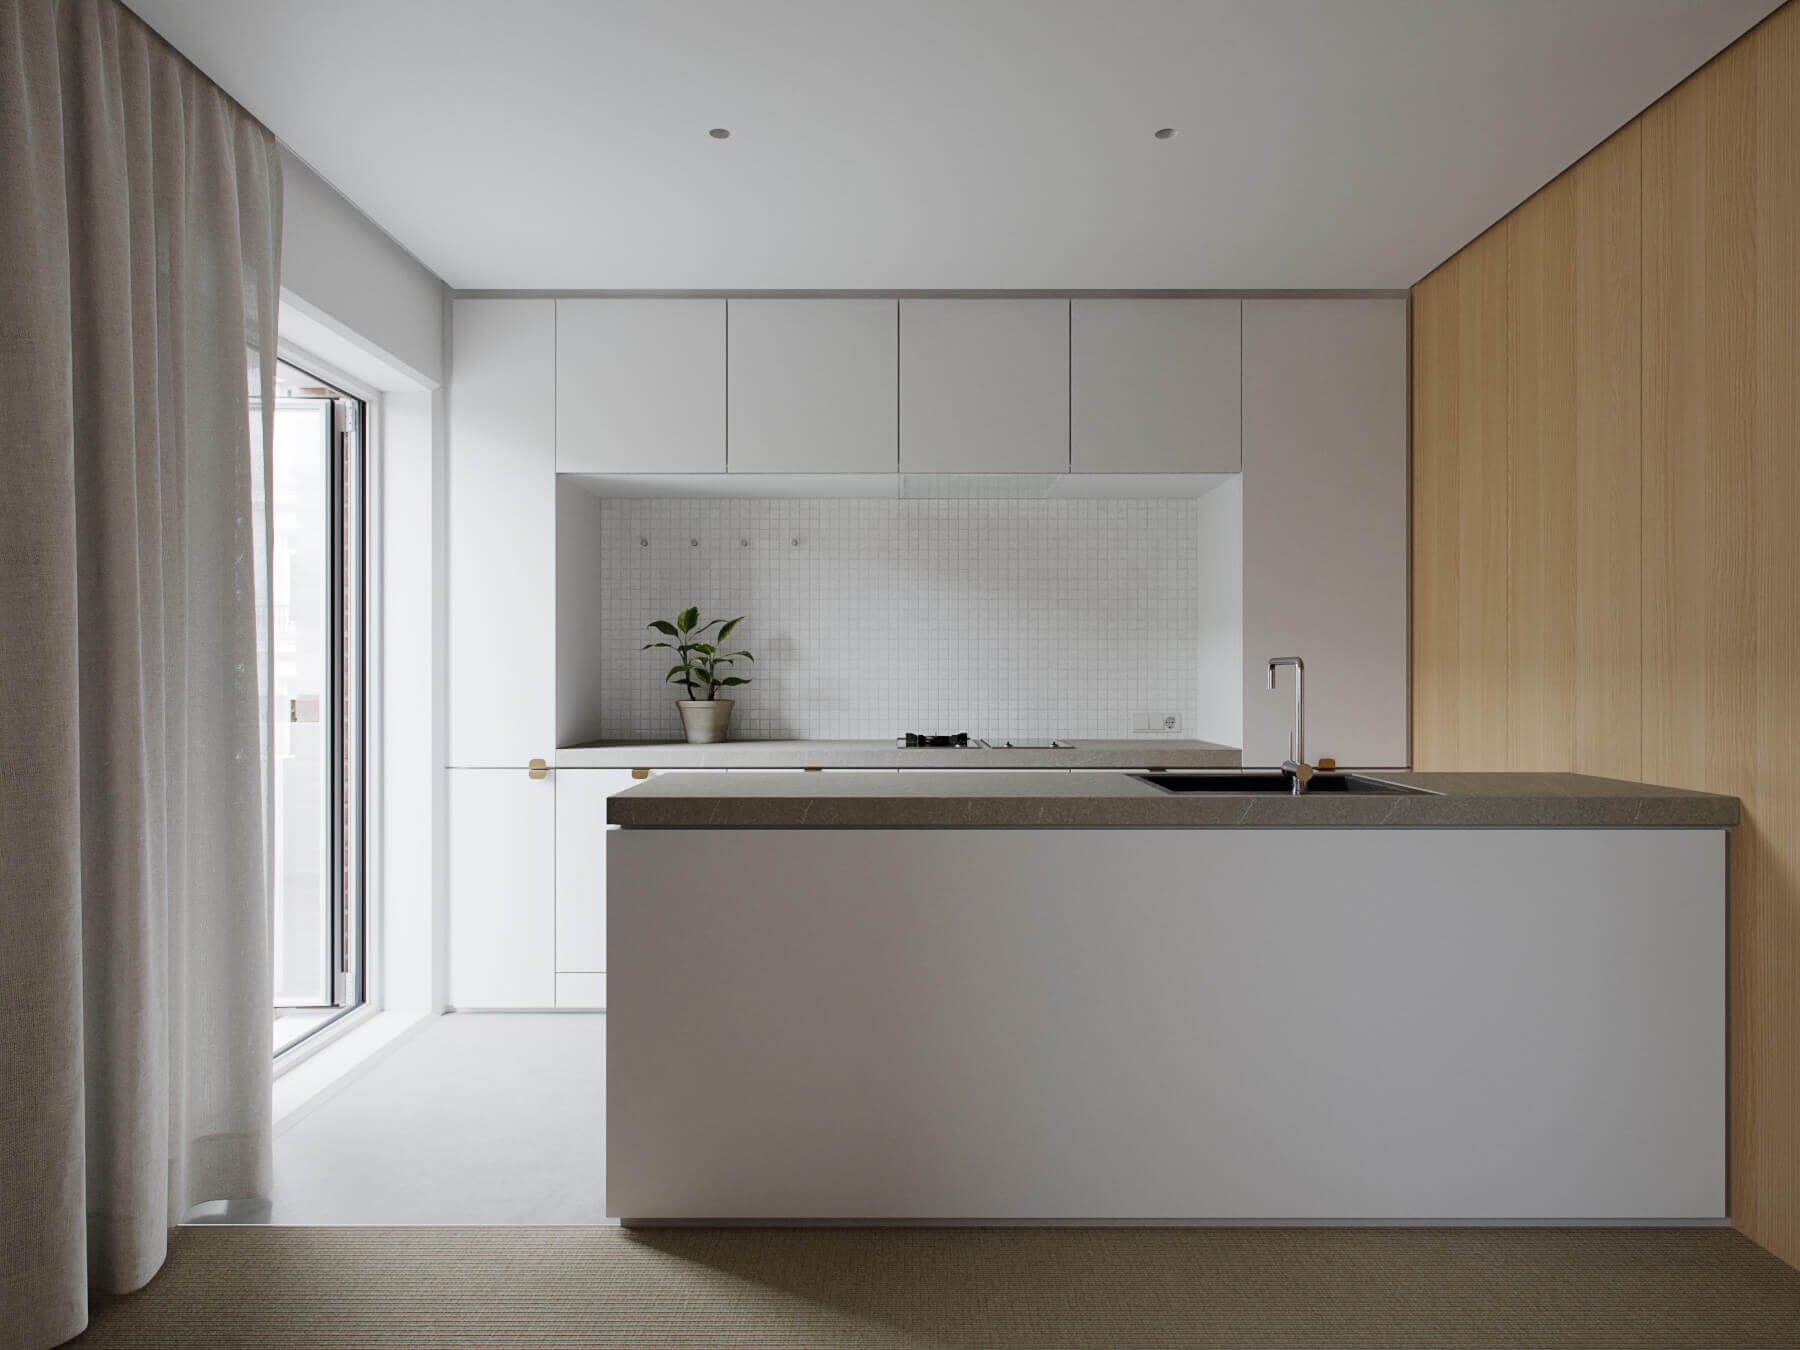 Trendy Living & Kitchen apartment design - cgi visualization